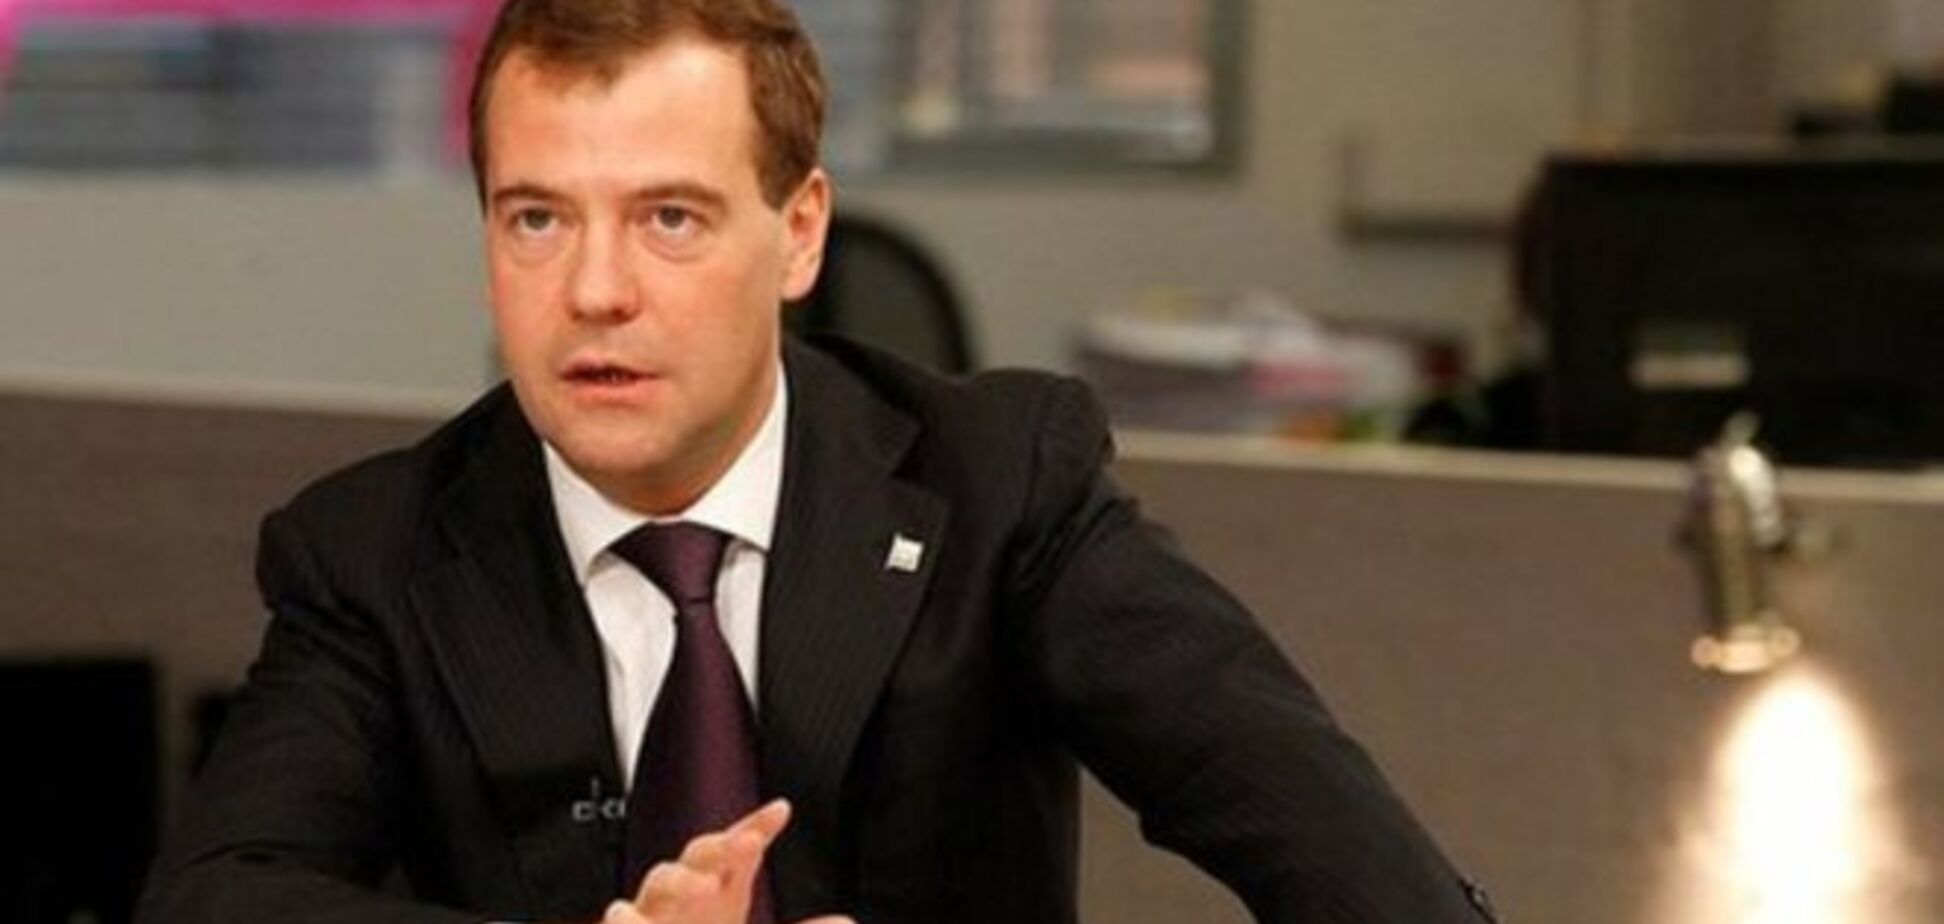 Медведь - плюшевый: соцсети об угрозах премьера России в адрес Украины